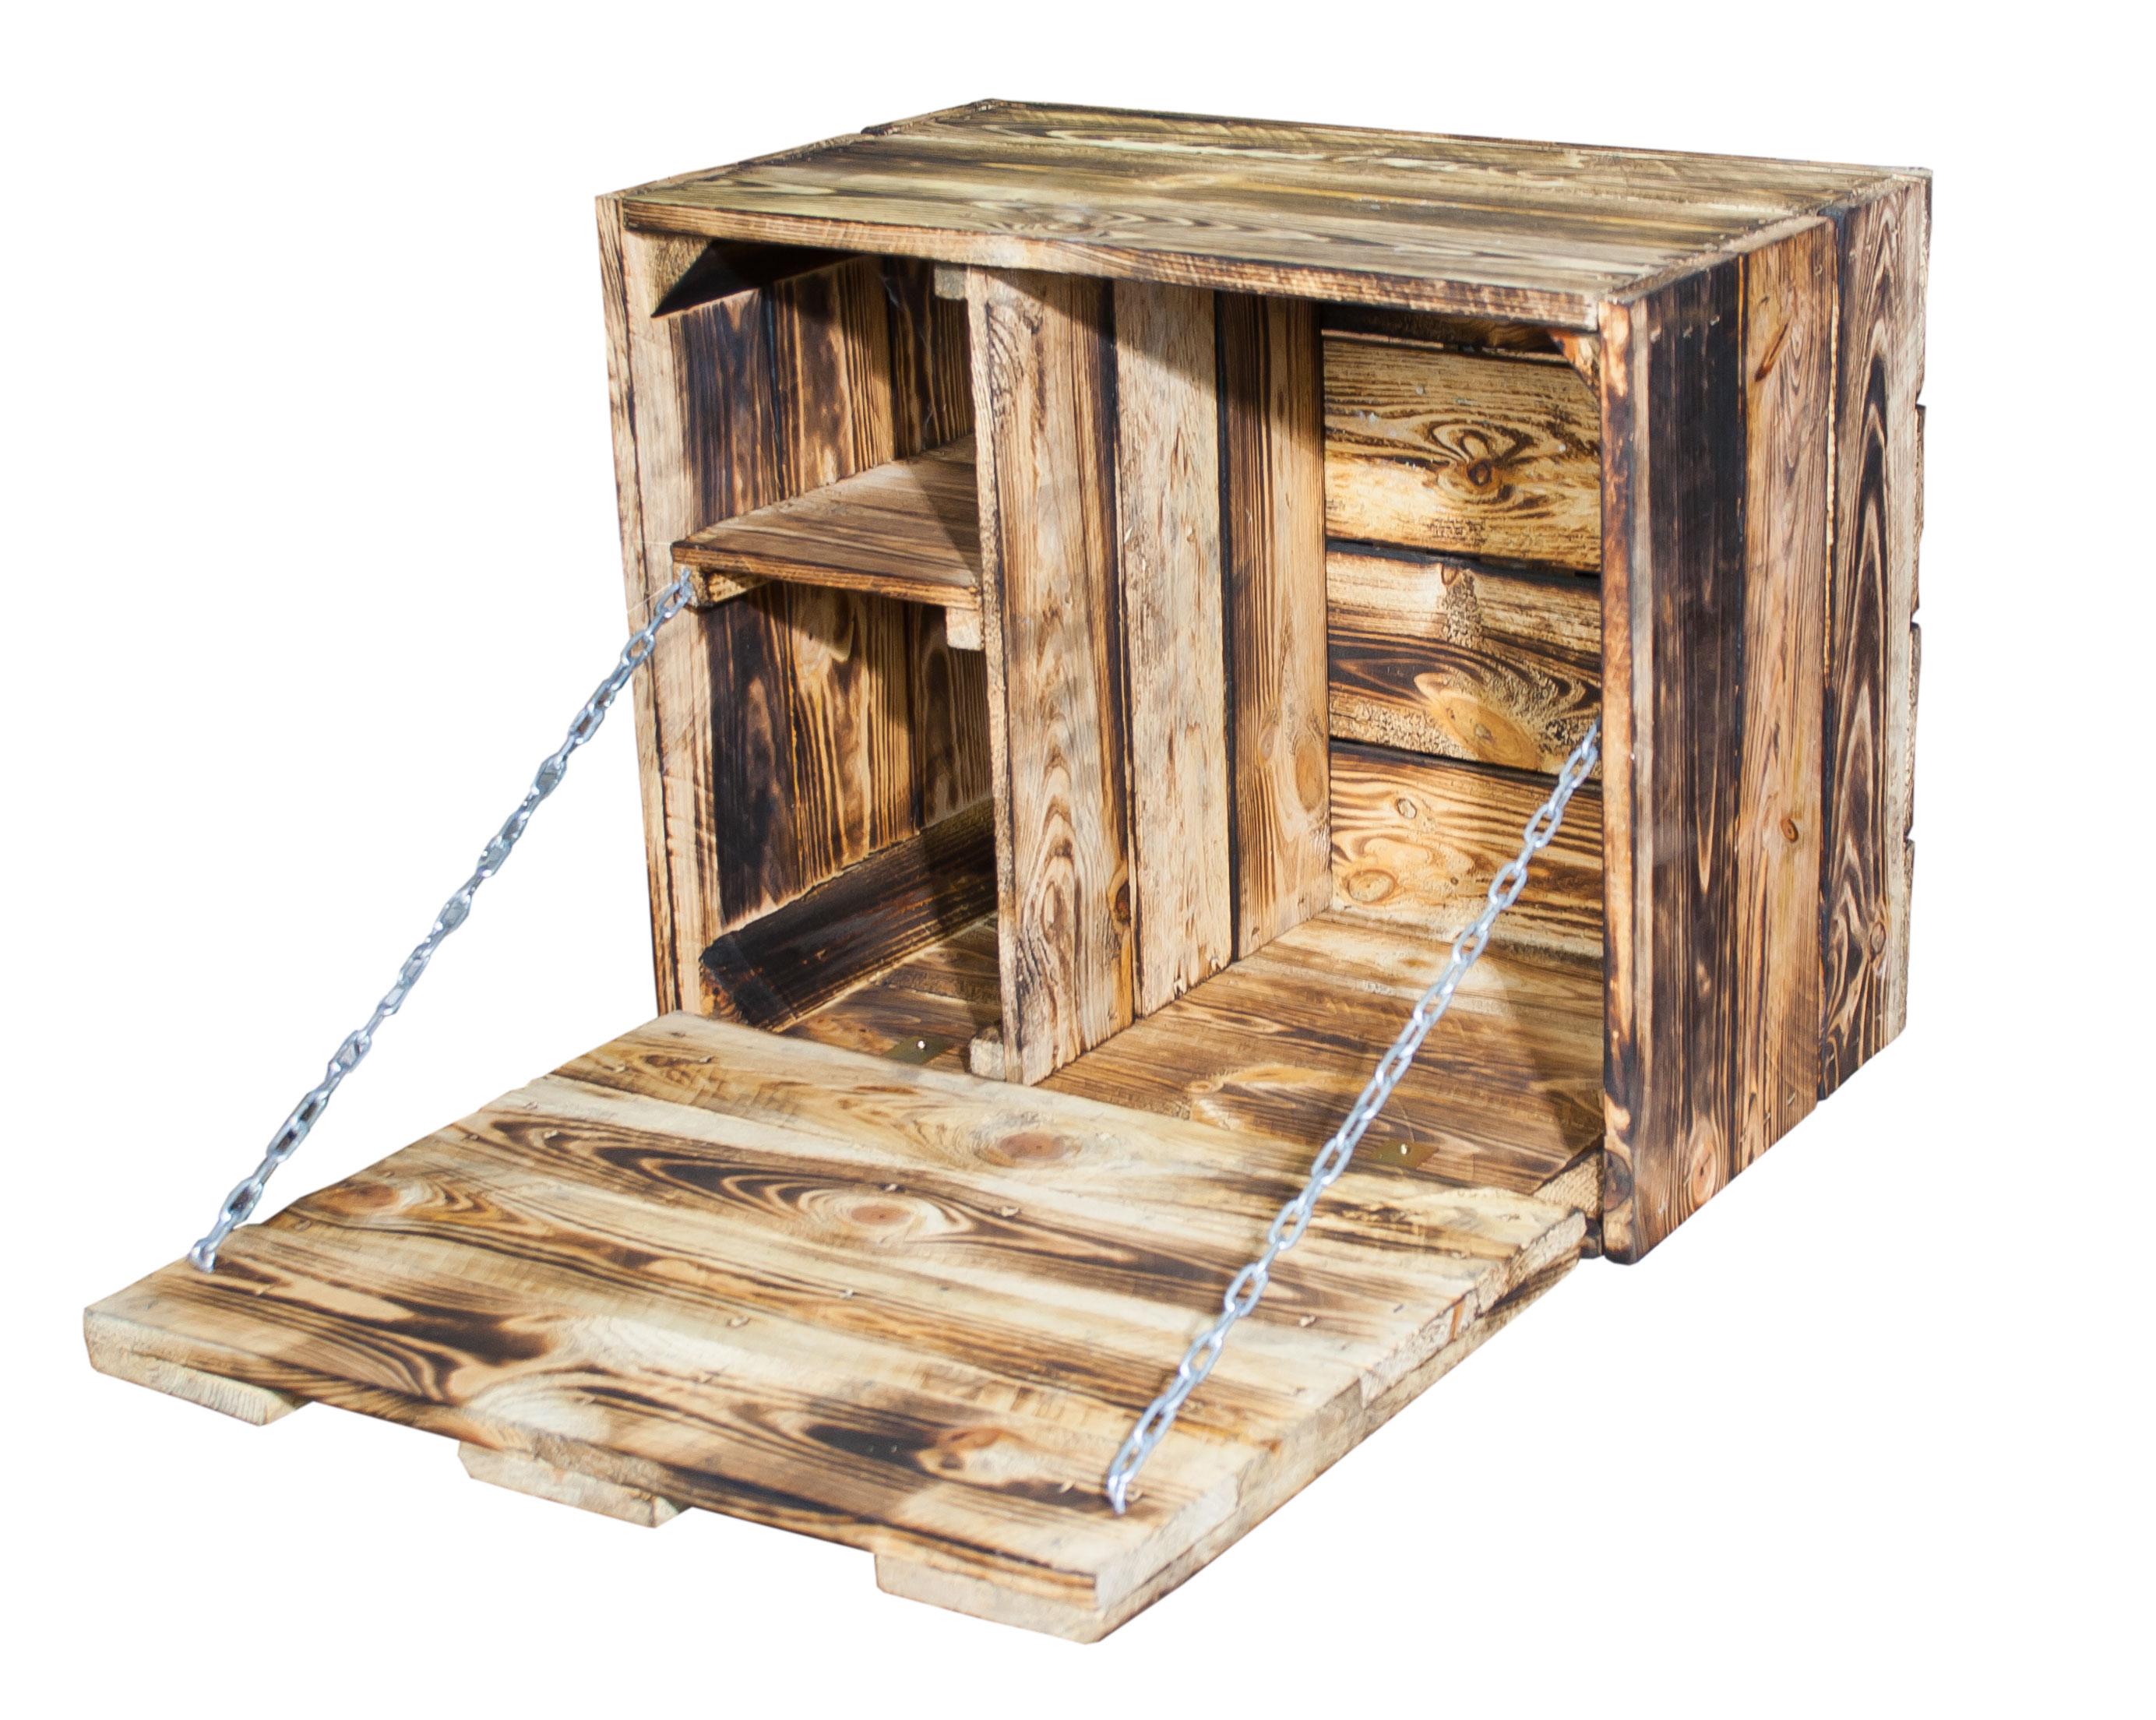 weinkisten holz kaufen 3 weinkisten aus holz zum basteln. Black Bedroom Furniture Sets. Home Design Ideas